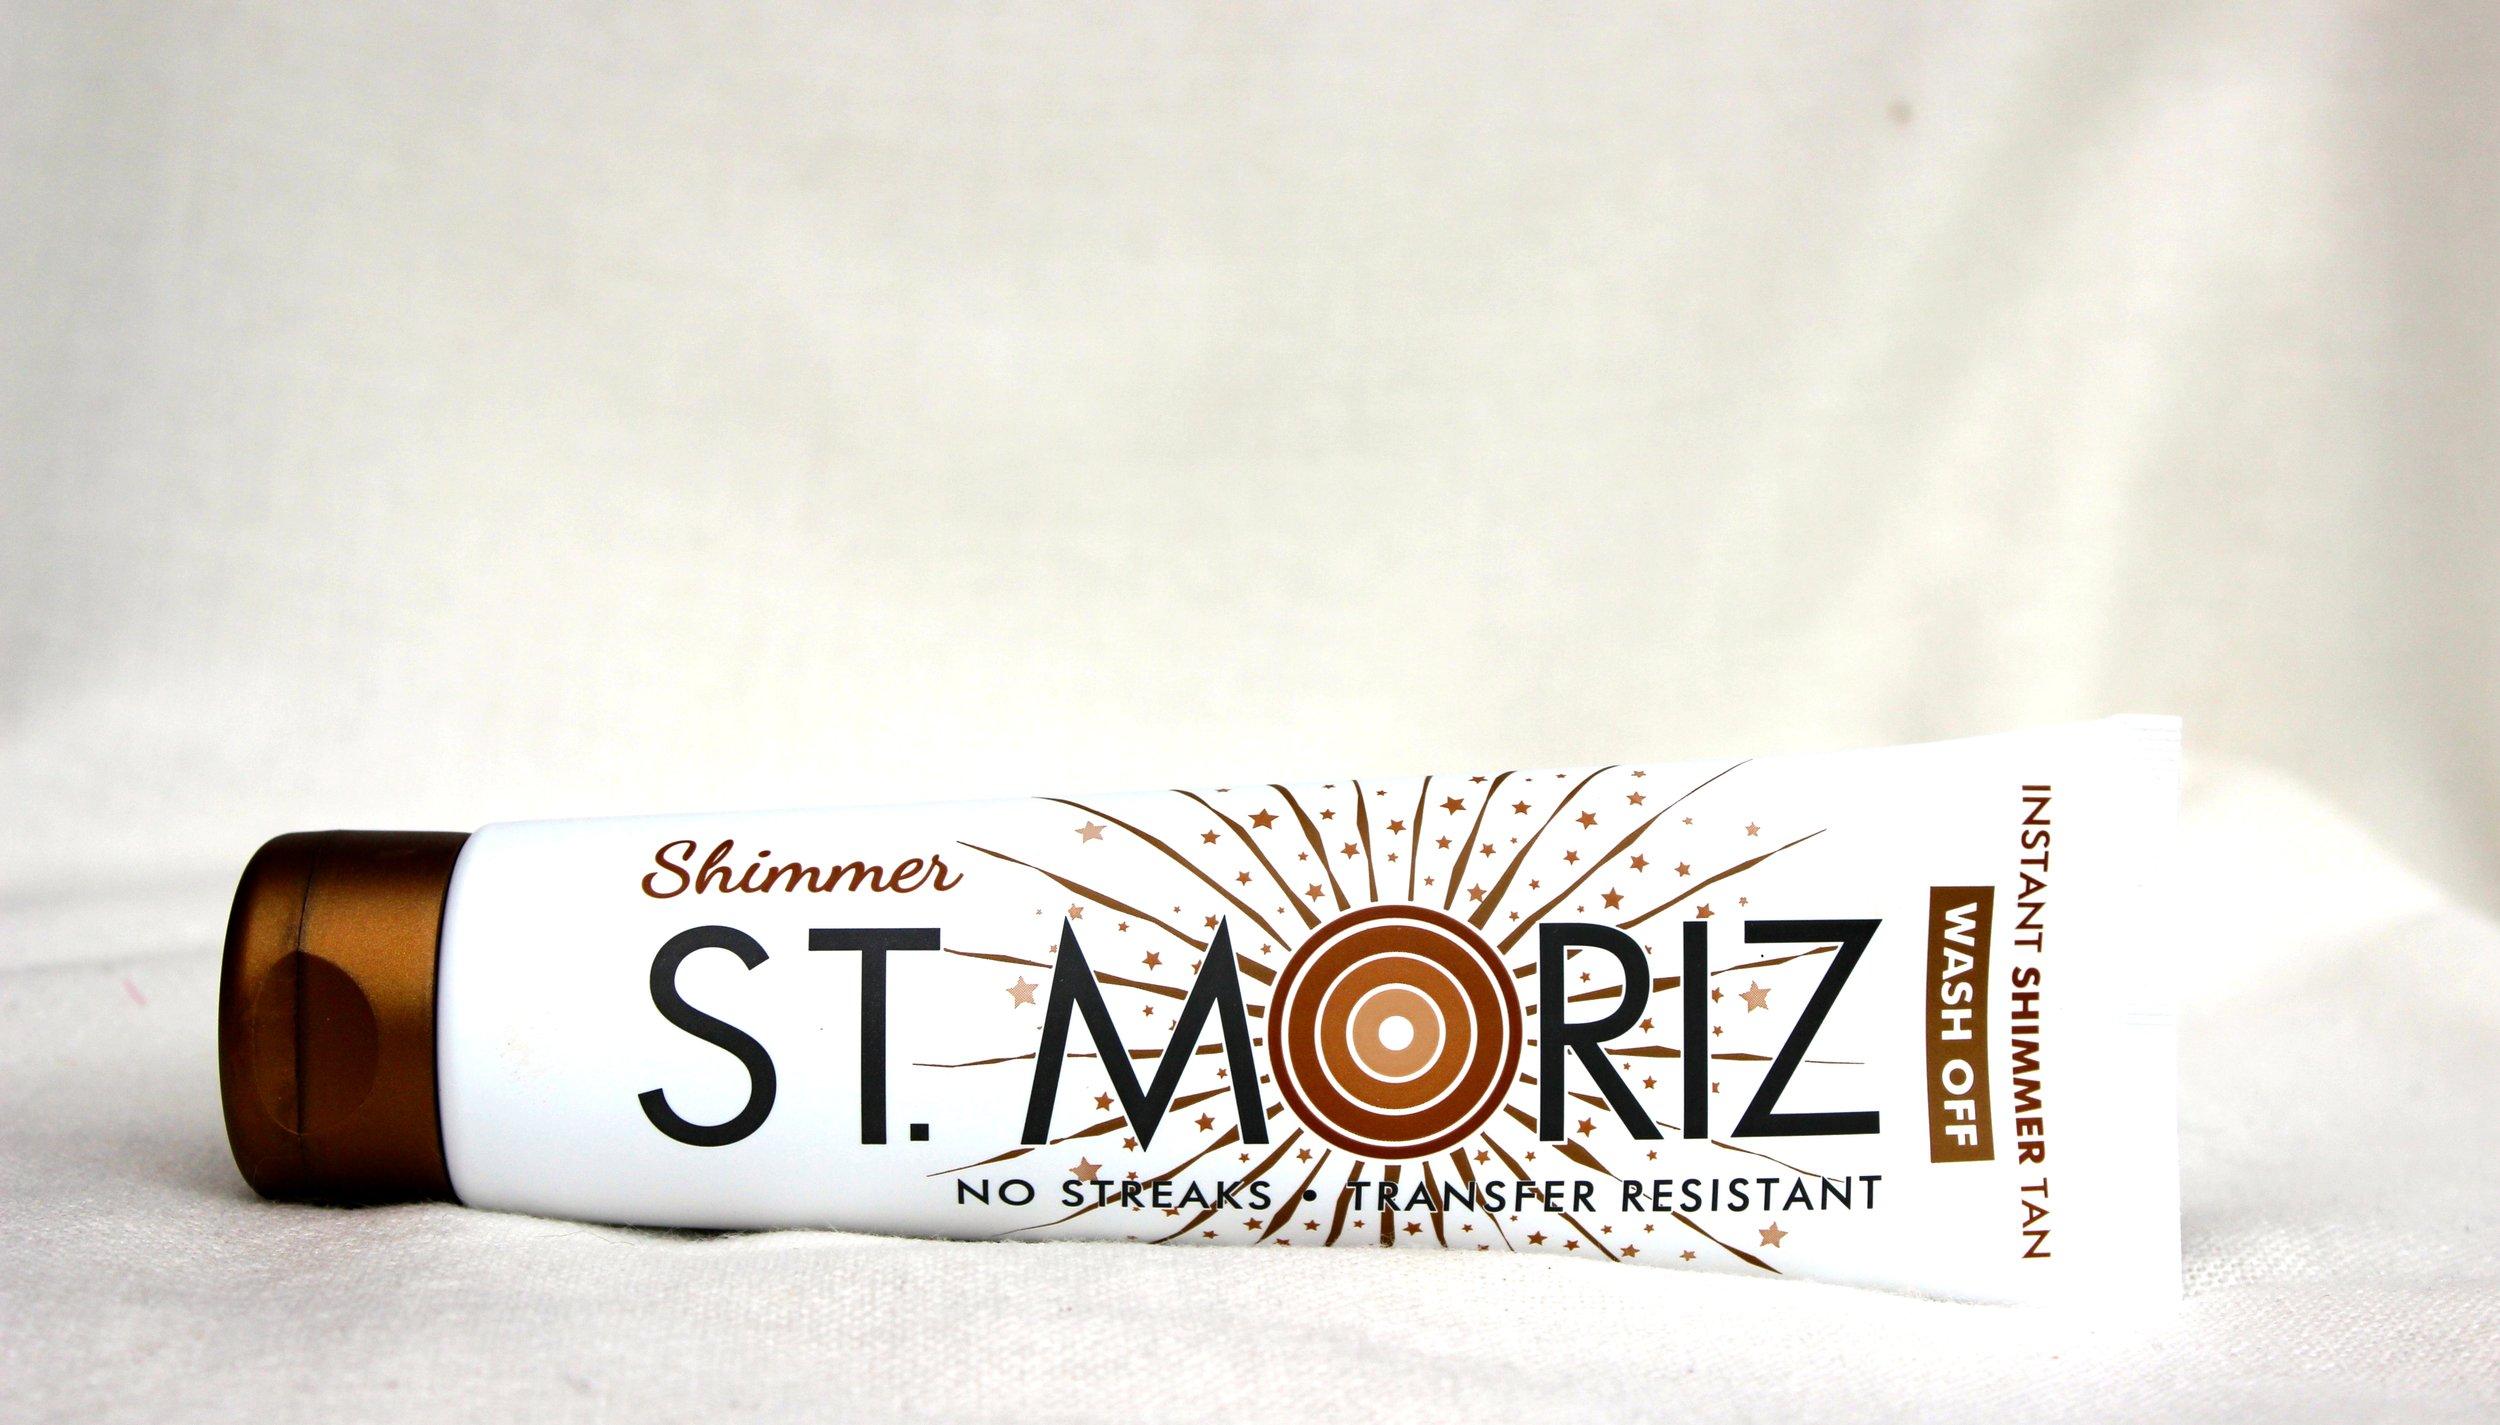 St Moriz Shimmer